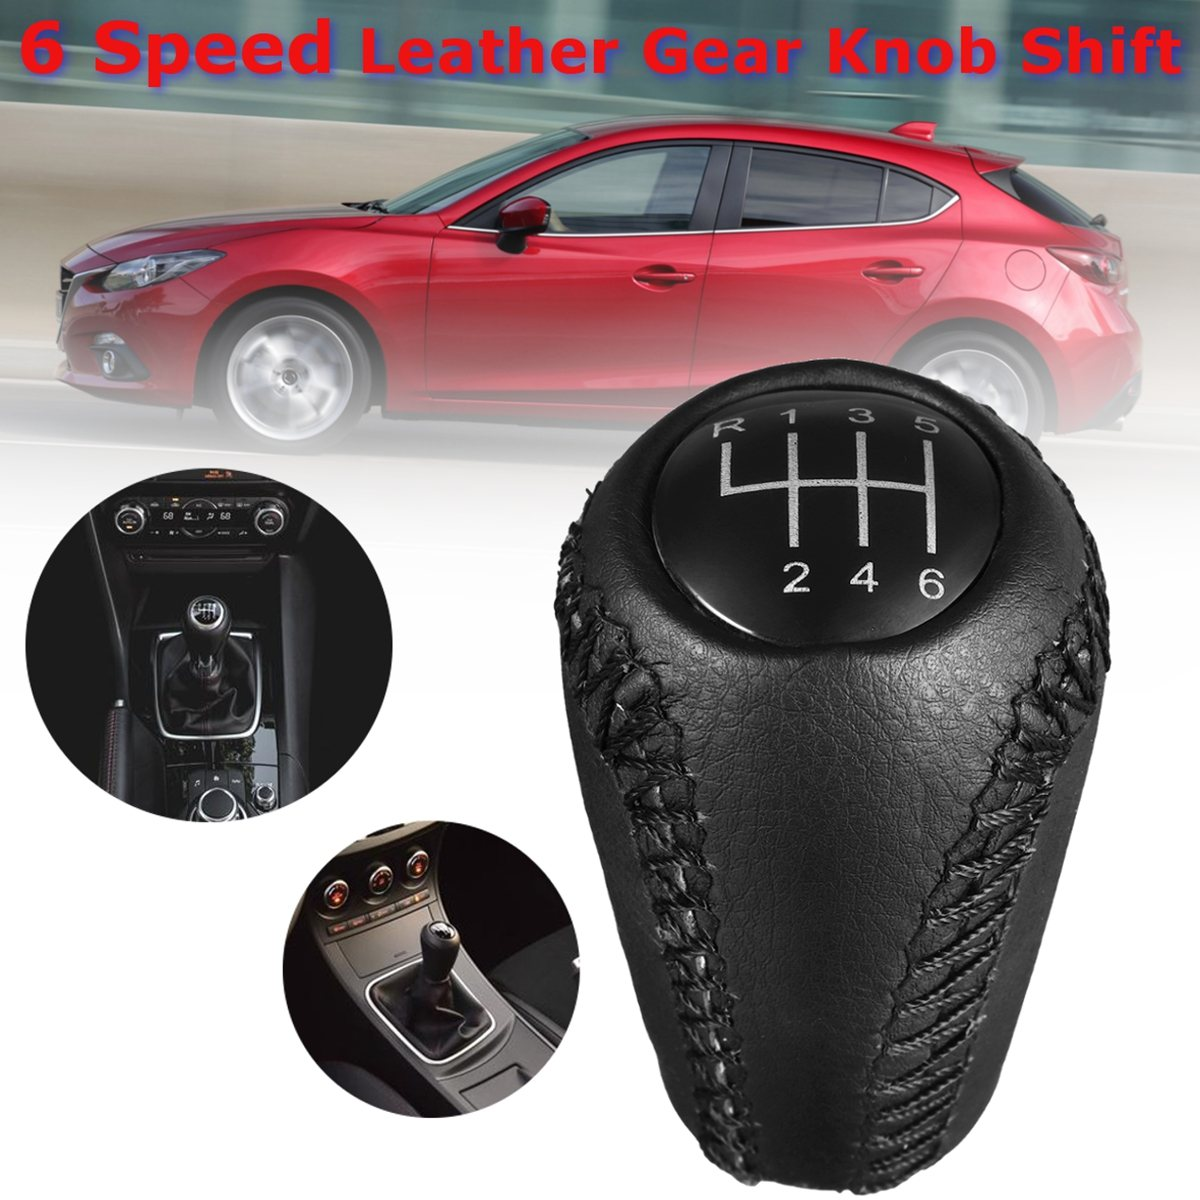 6 cuero velocidad engranaje palanca de cambio para Mazda 3 BK BL 5 CR CW 6 II GH CX-7 ER MX-5 NC III 2014 2013 2012 2011 2010 2009 2008